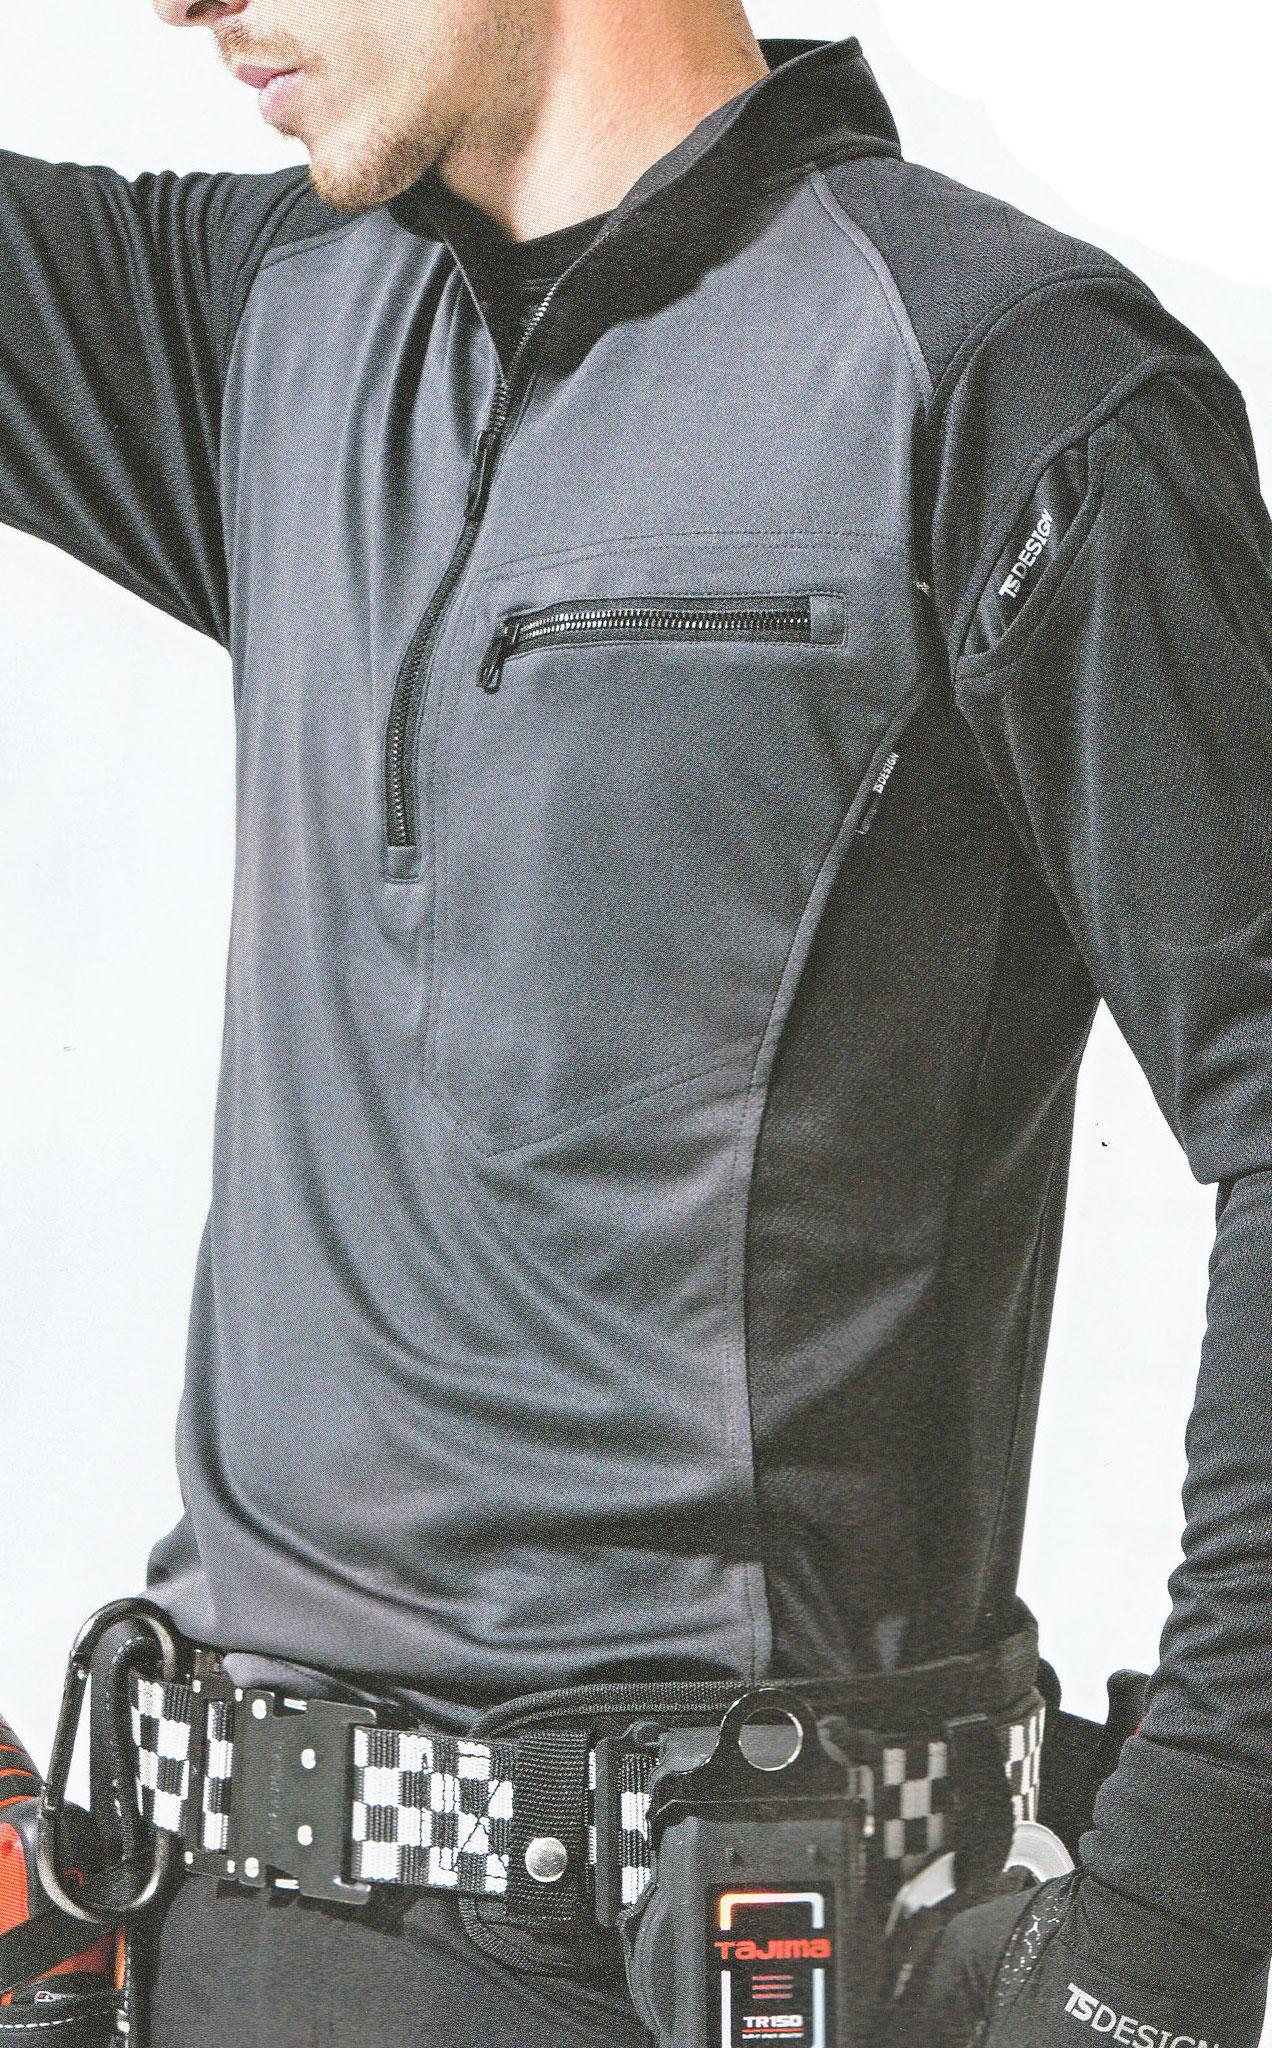 846305 ワークニットロングシャツ ¥3,290(税込)先鋭的なカッコいいデザインが人気です。